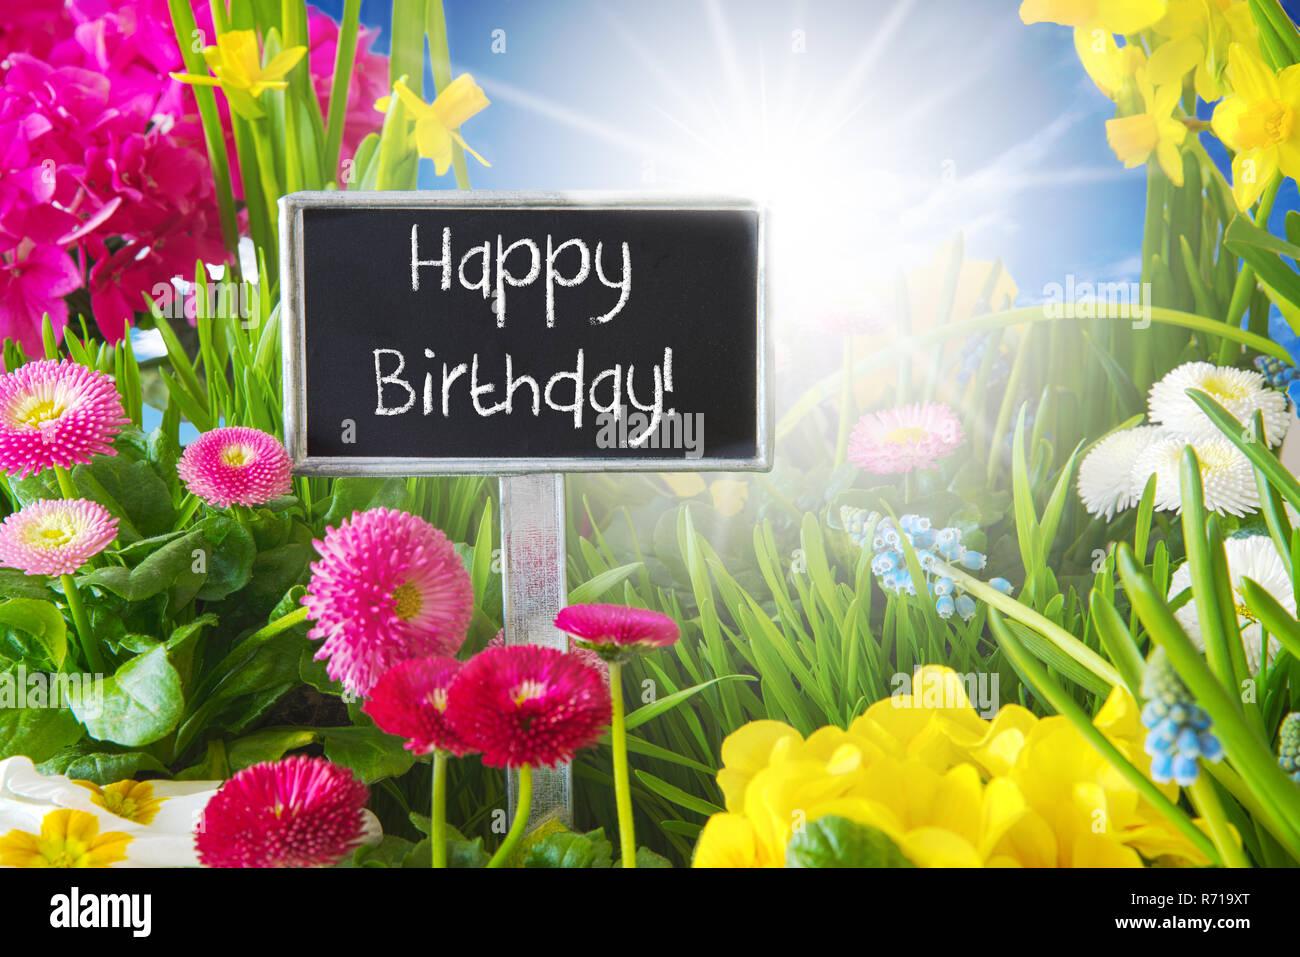 Sunny Spring Flower Meadow Happy Birthday Stock Photo 228067136 Alamy